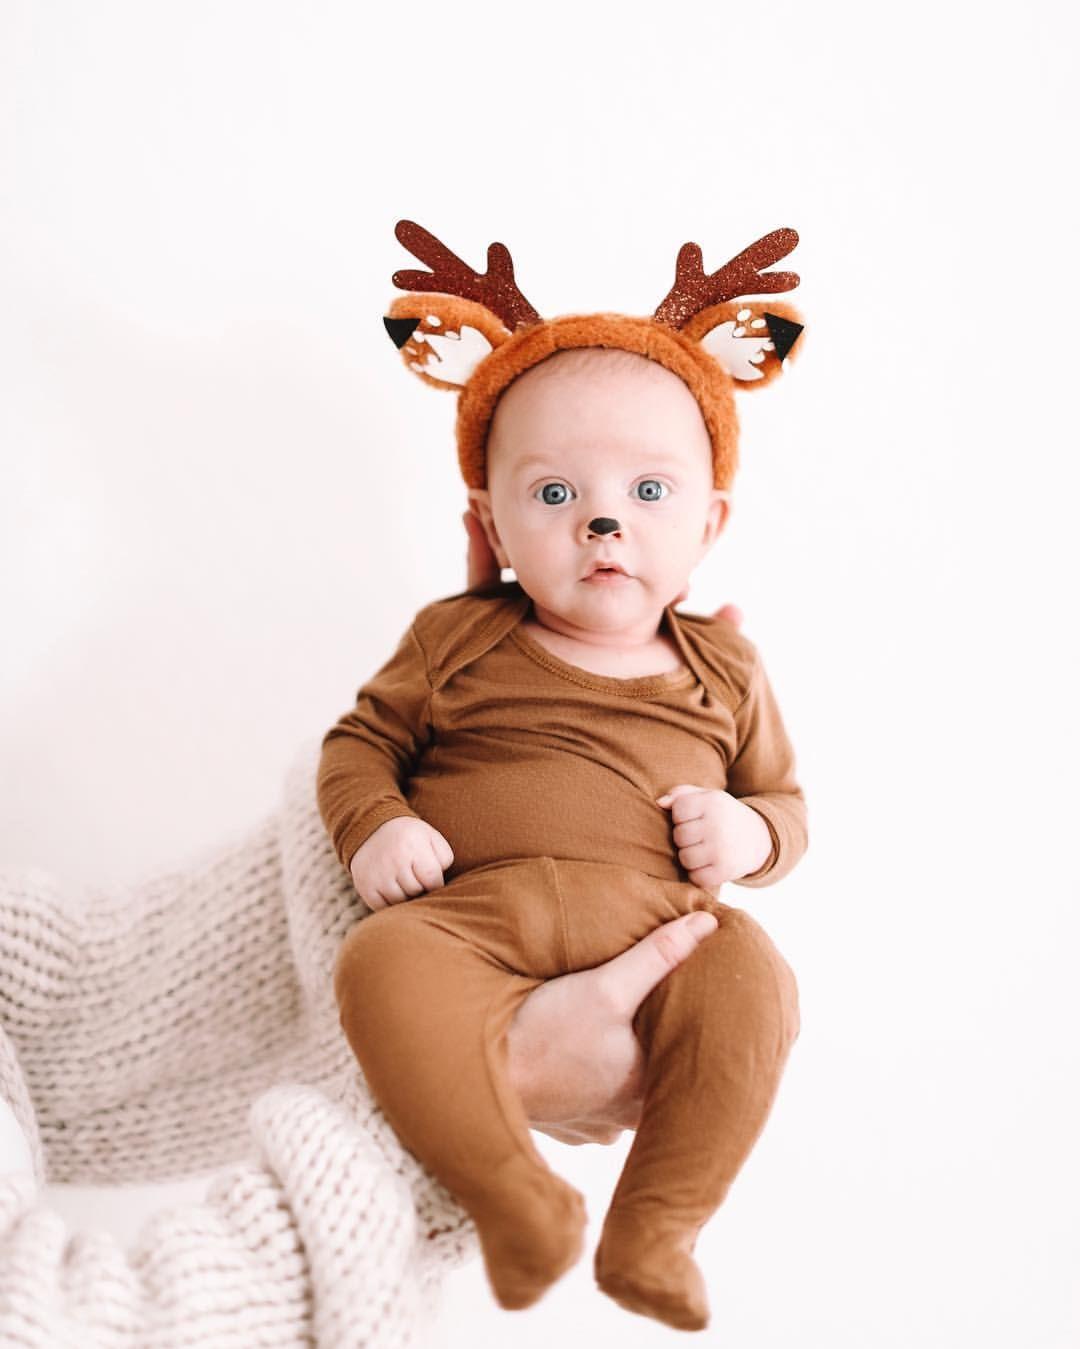 baby deer in headlights. | fall | baby, baby schedule, baby kids